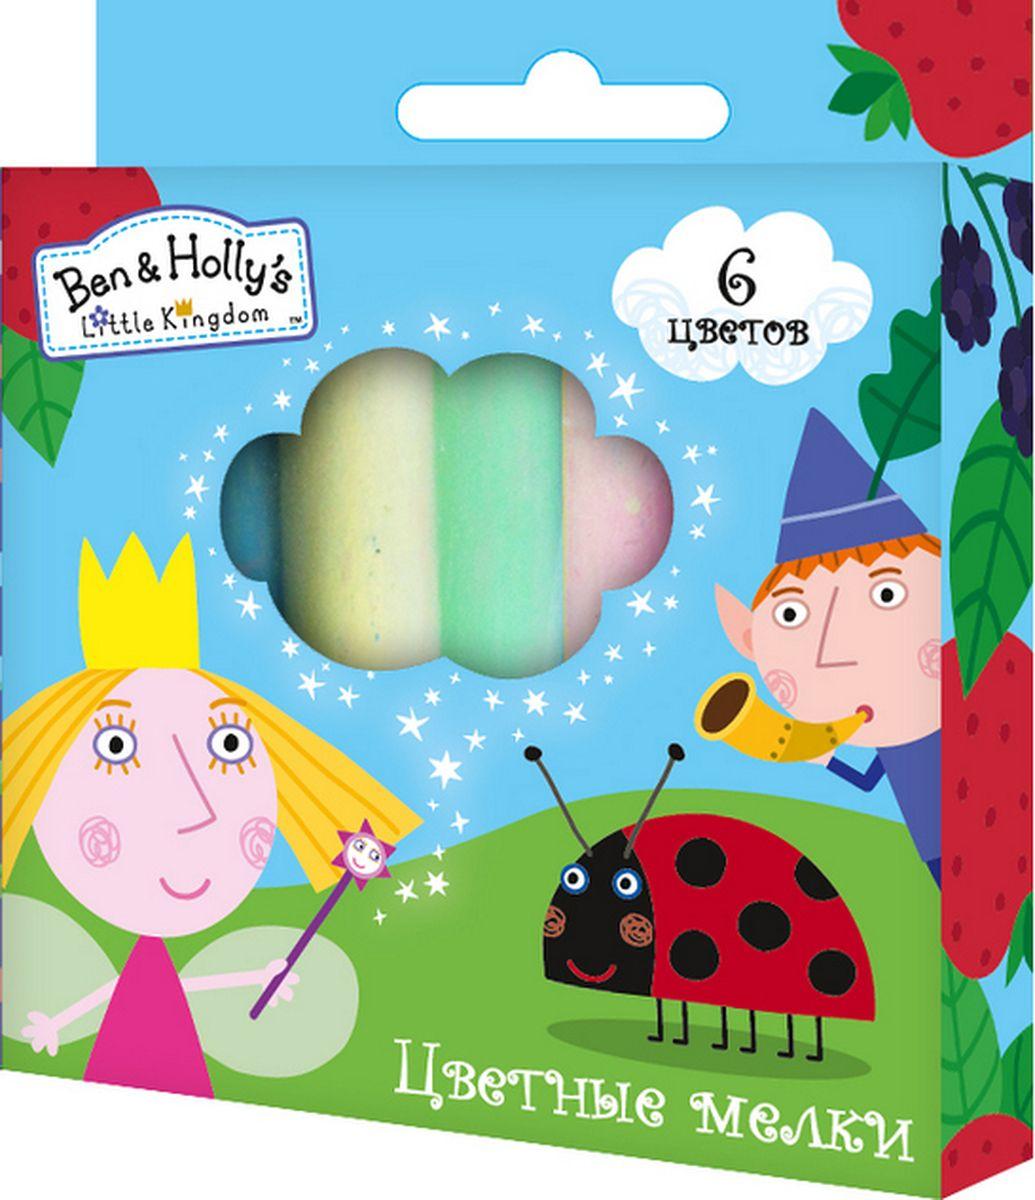 Ben&Holly Цветные мелки Бен и Холли 6 цветов31704Набор цветных мелков ТМ Бен и Холли поможет детям создавать яркие большие картины на асфальте и других шероховатых поверхностях, развивая их творческие способности, воображение, цветовосприятие и моторику рук. В набор входит 6 разноцветных мелков с удобным квадратным сечением. Мелки имеют яркие цвета, прочны, устойчивы к стиранию.